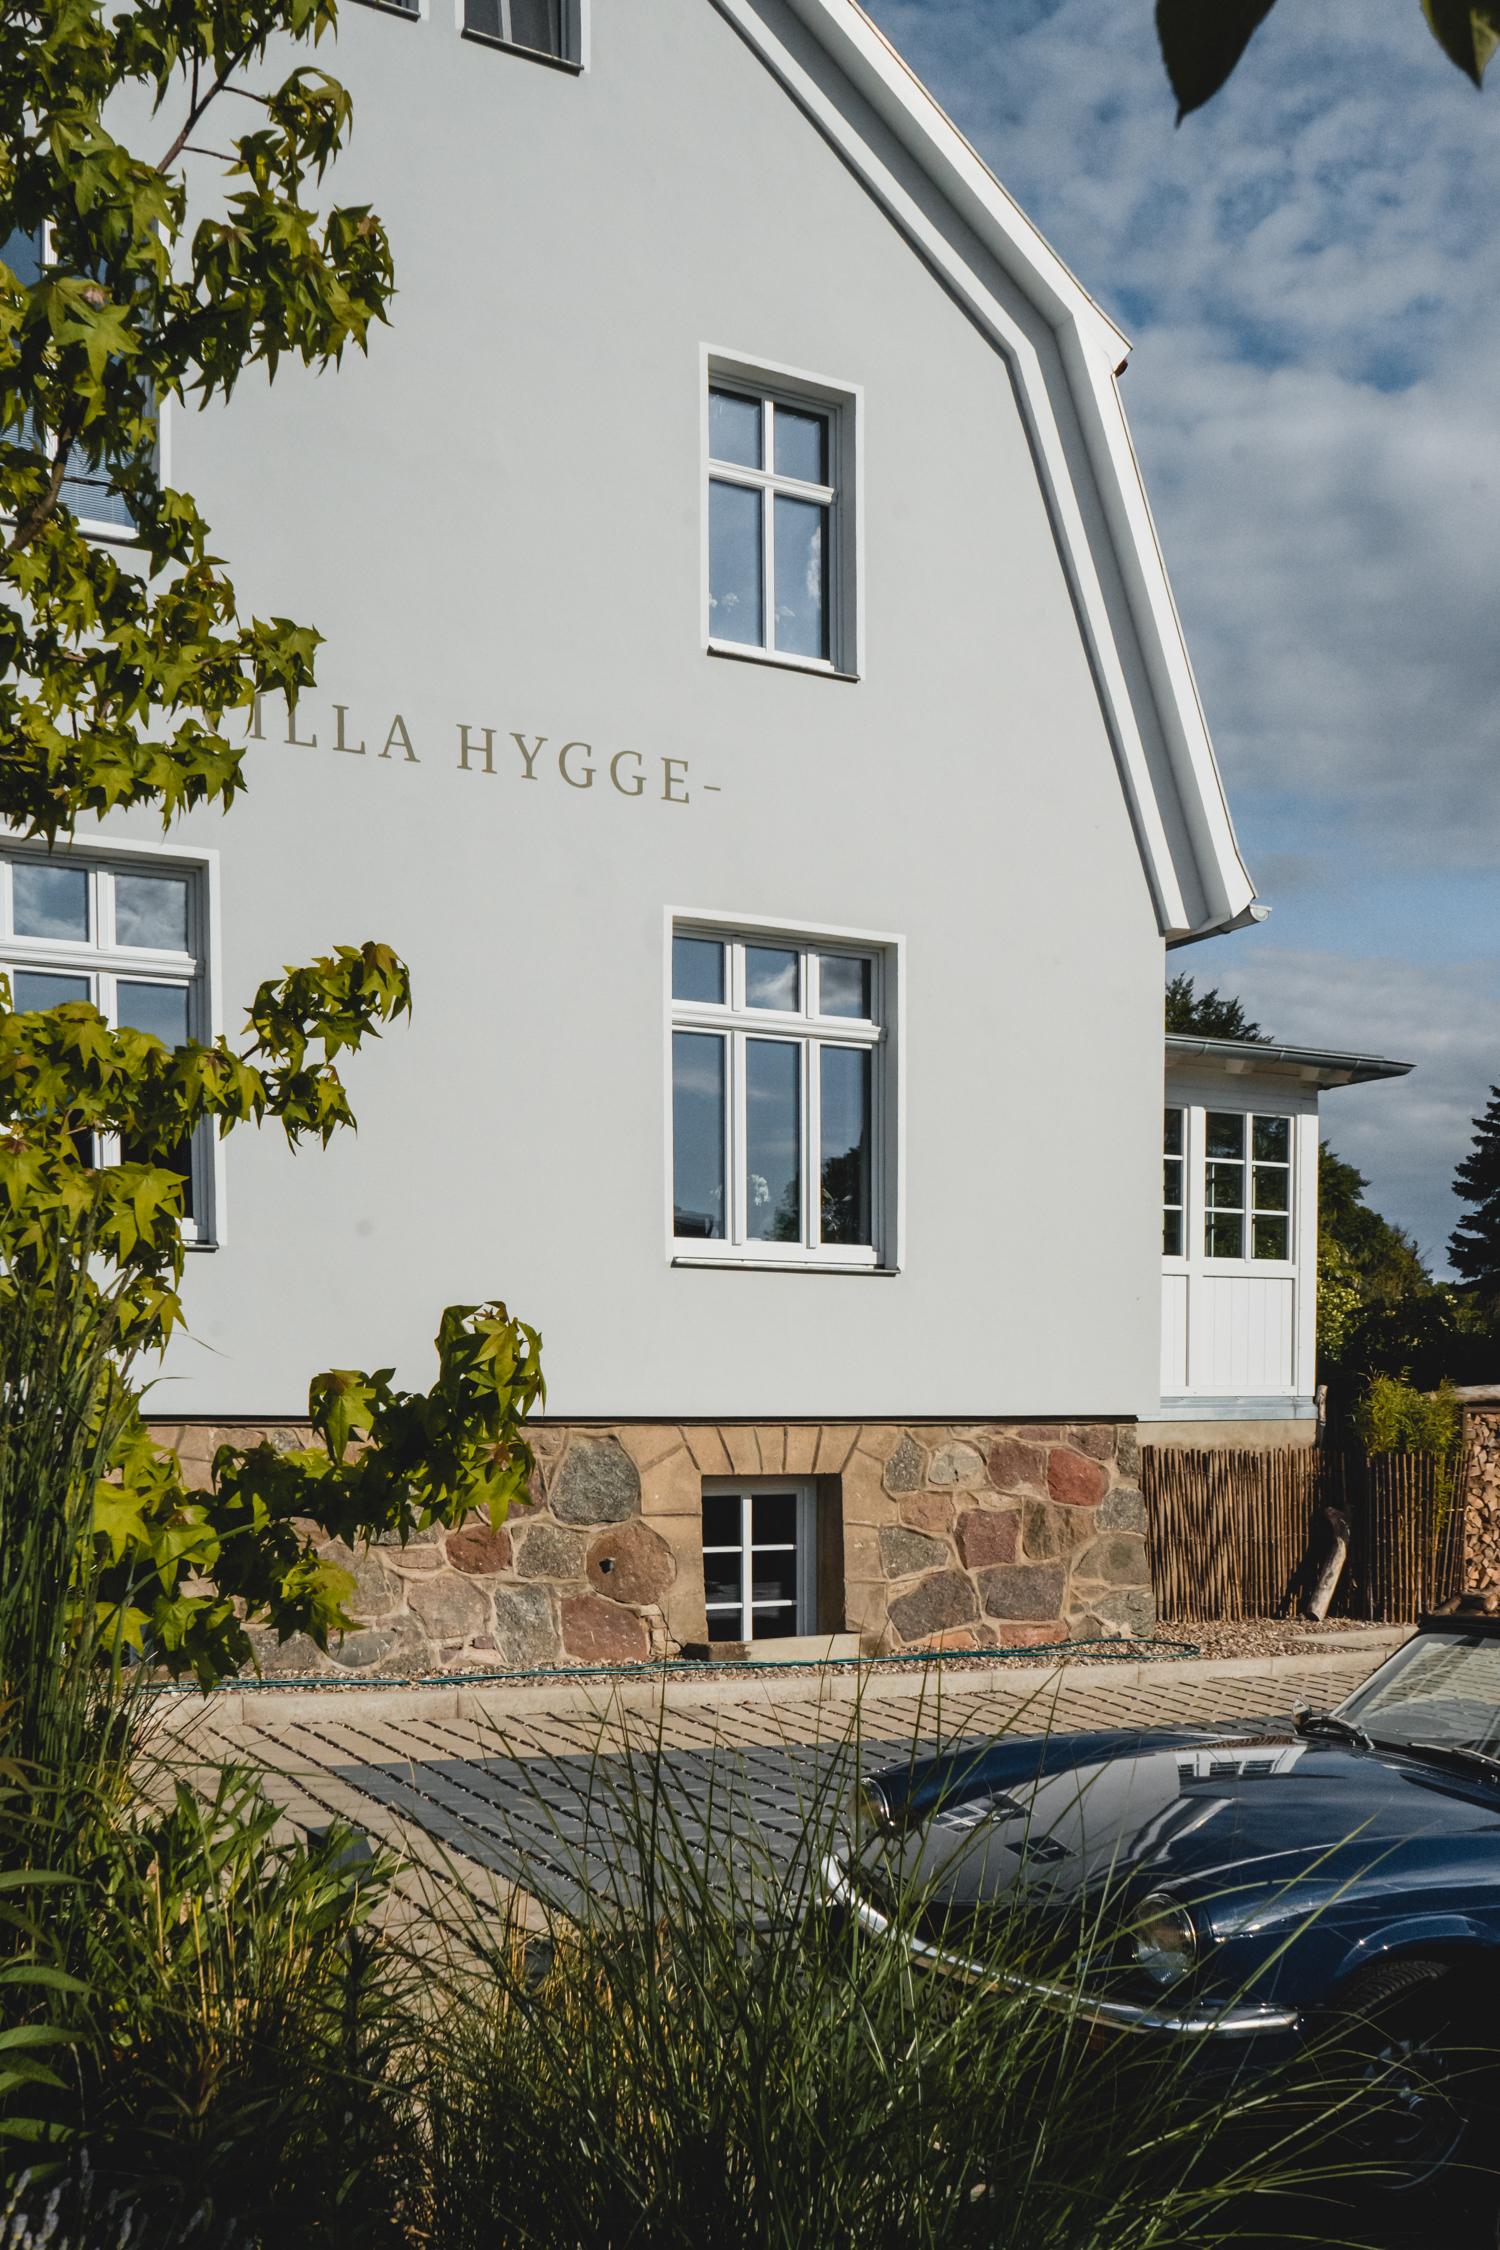 In der Villa Hygge erlebt man eine ganz bestimmte Form der Gemütlichkeit